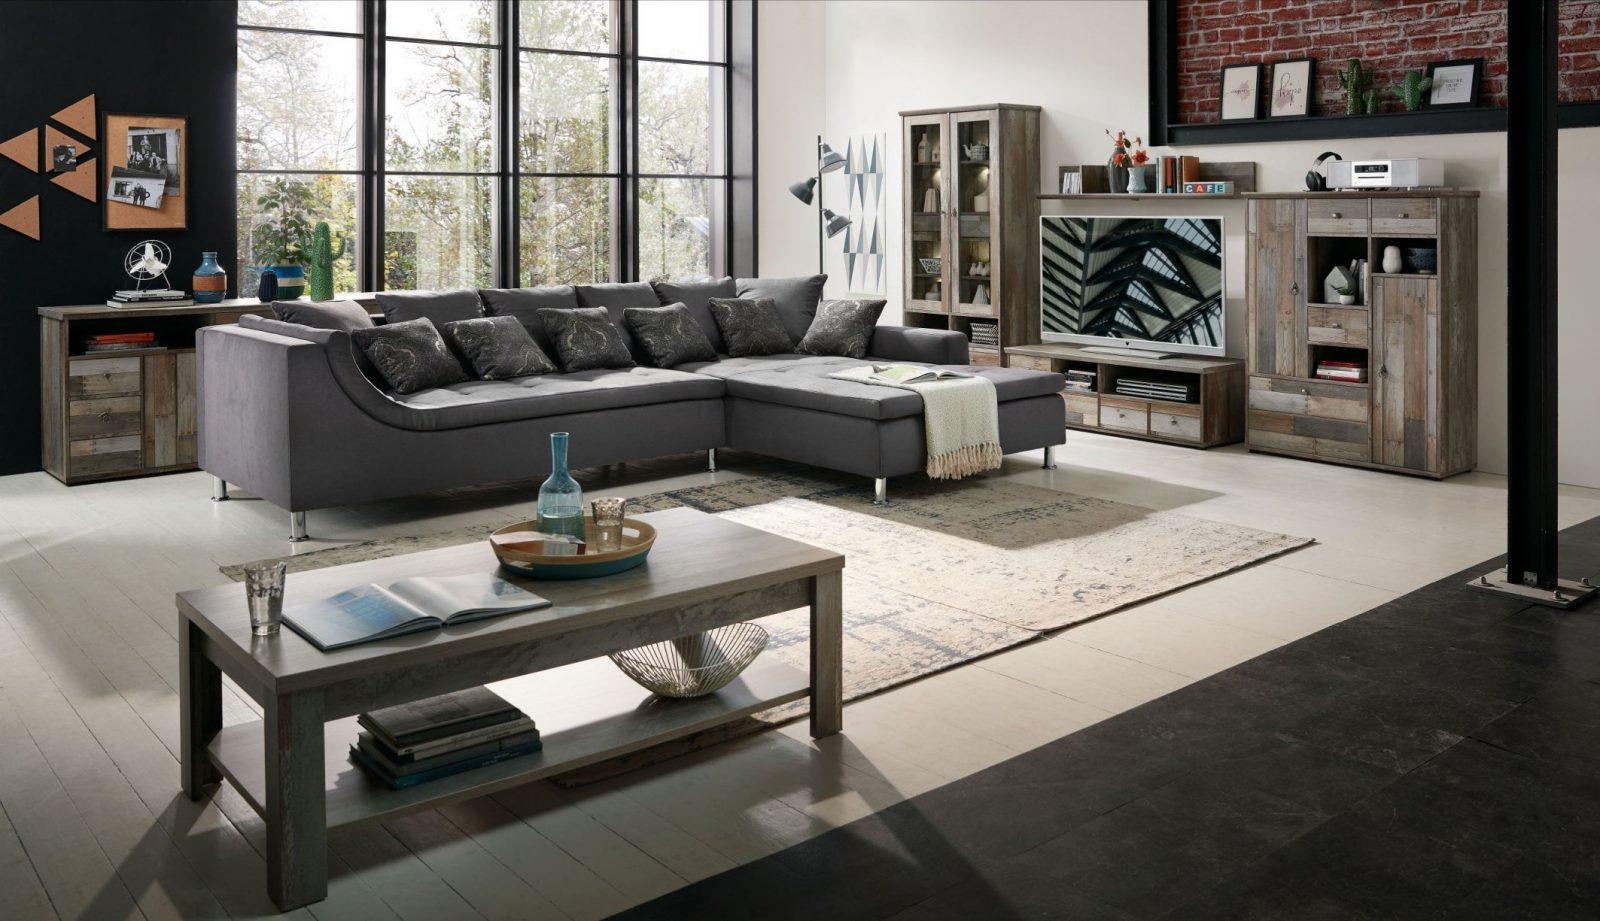 Wohnen  Möbel Für Ihr Zuhause  Möbel As von Möbel As Schwäbisch Hall Bild